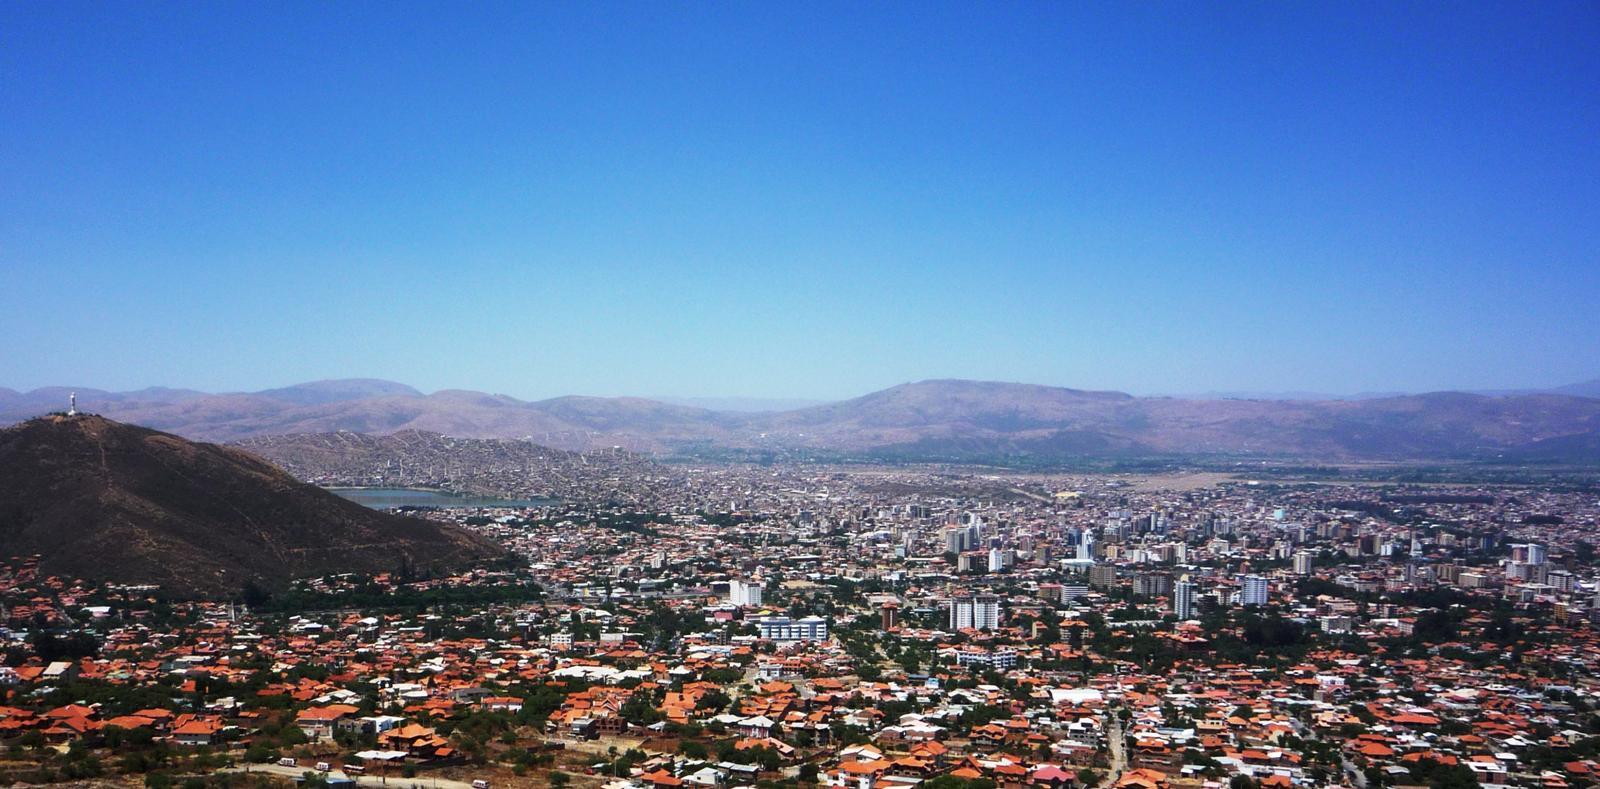 Cochabamba Megaconstrucciones Extreme Engineering